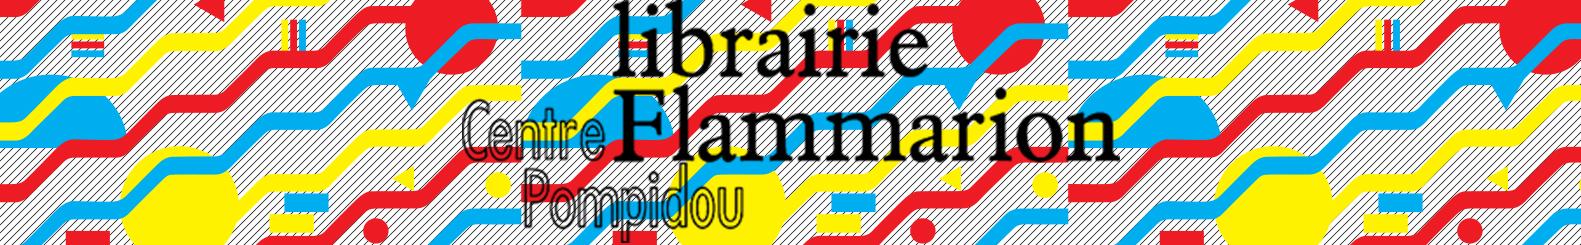 Bienvenue sur notre site de r�servation et commande de livres d'art moderne et contemporain